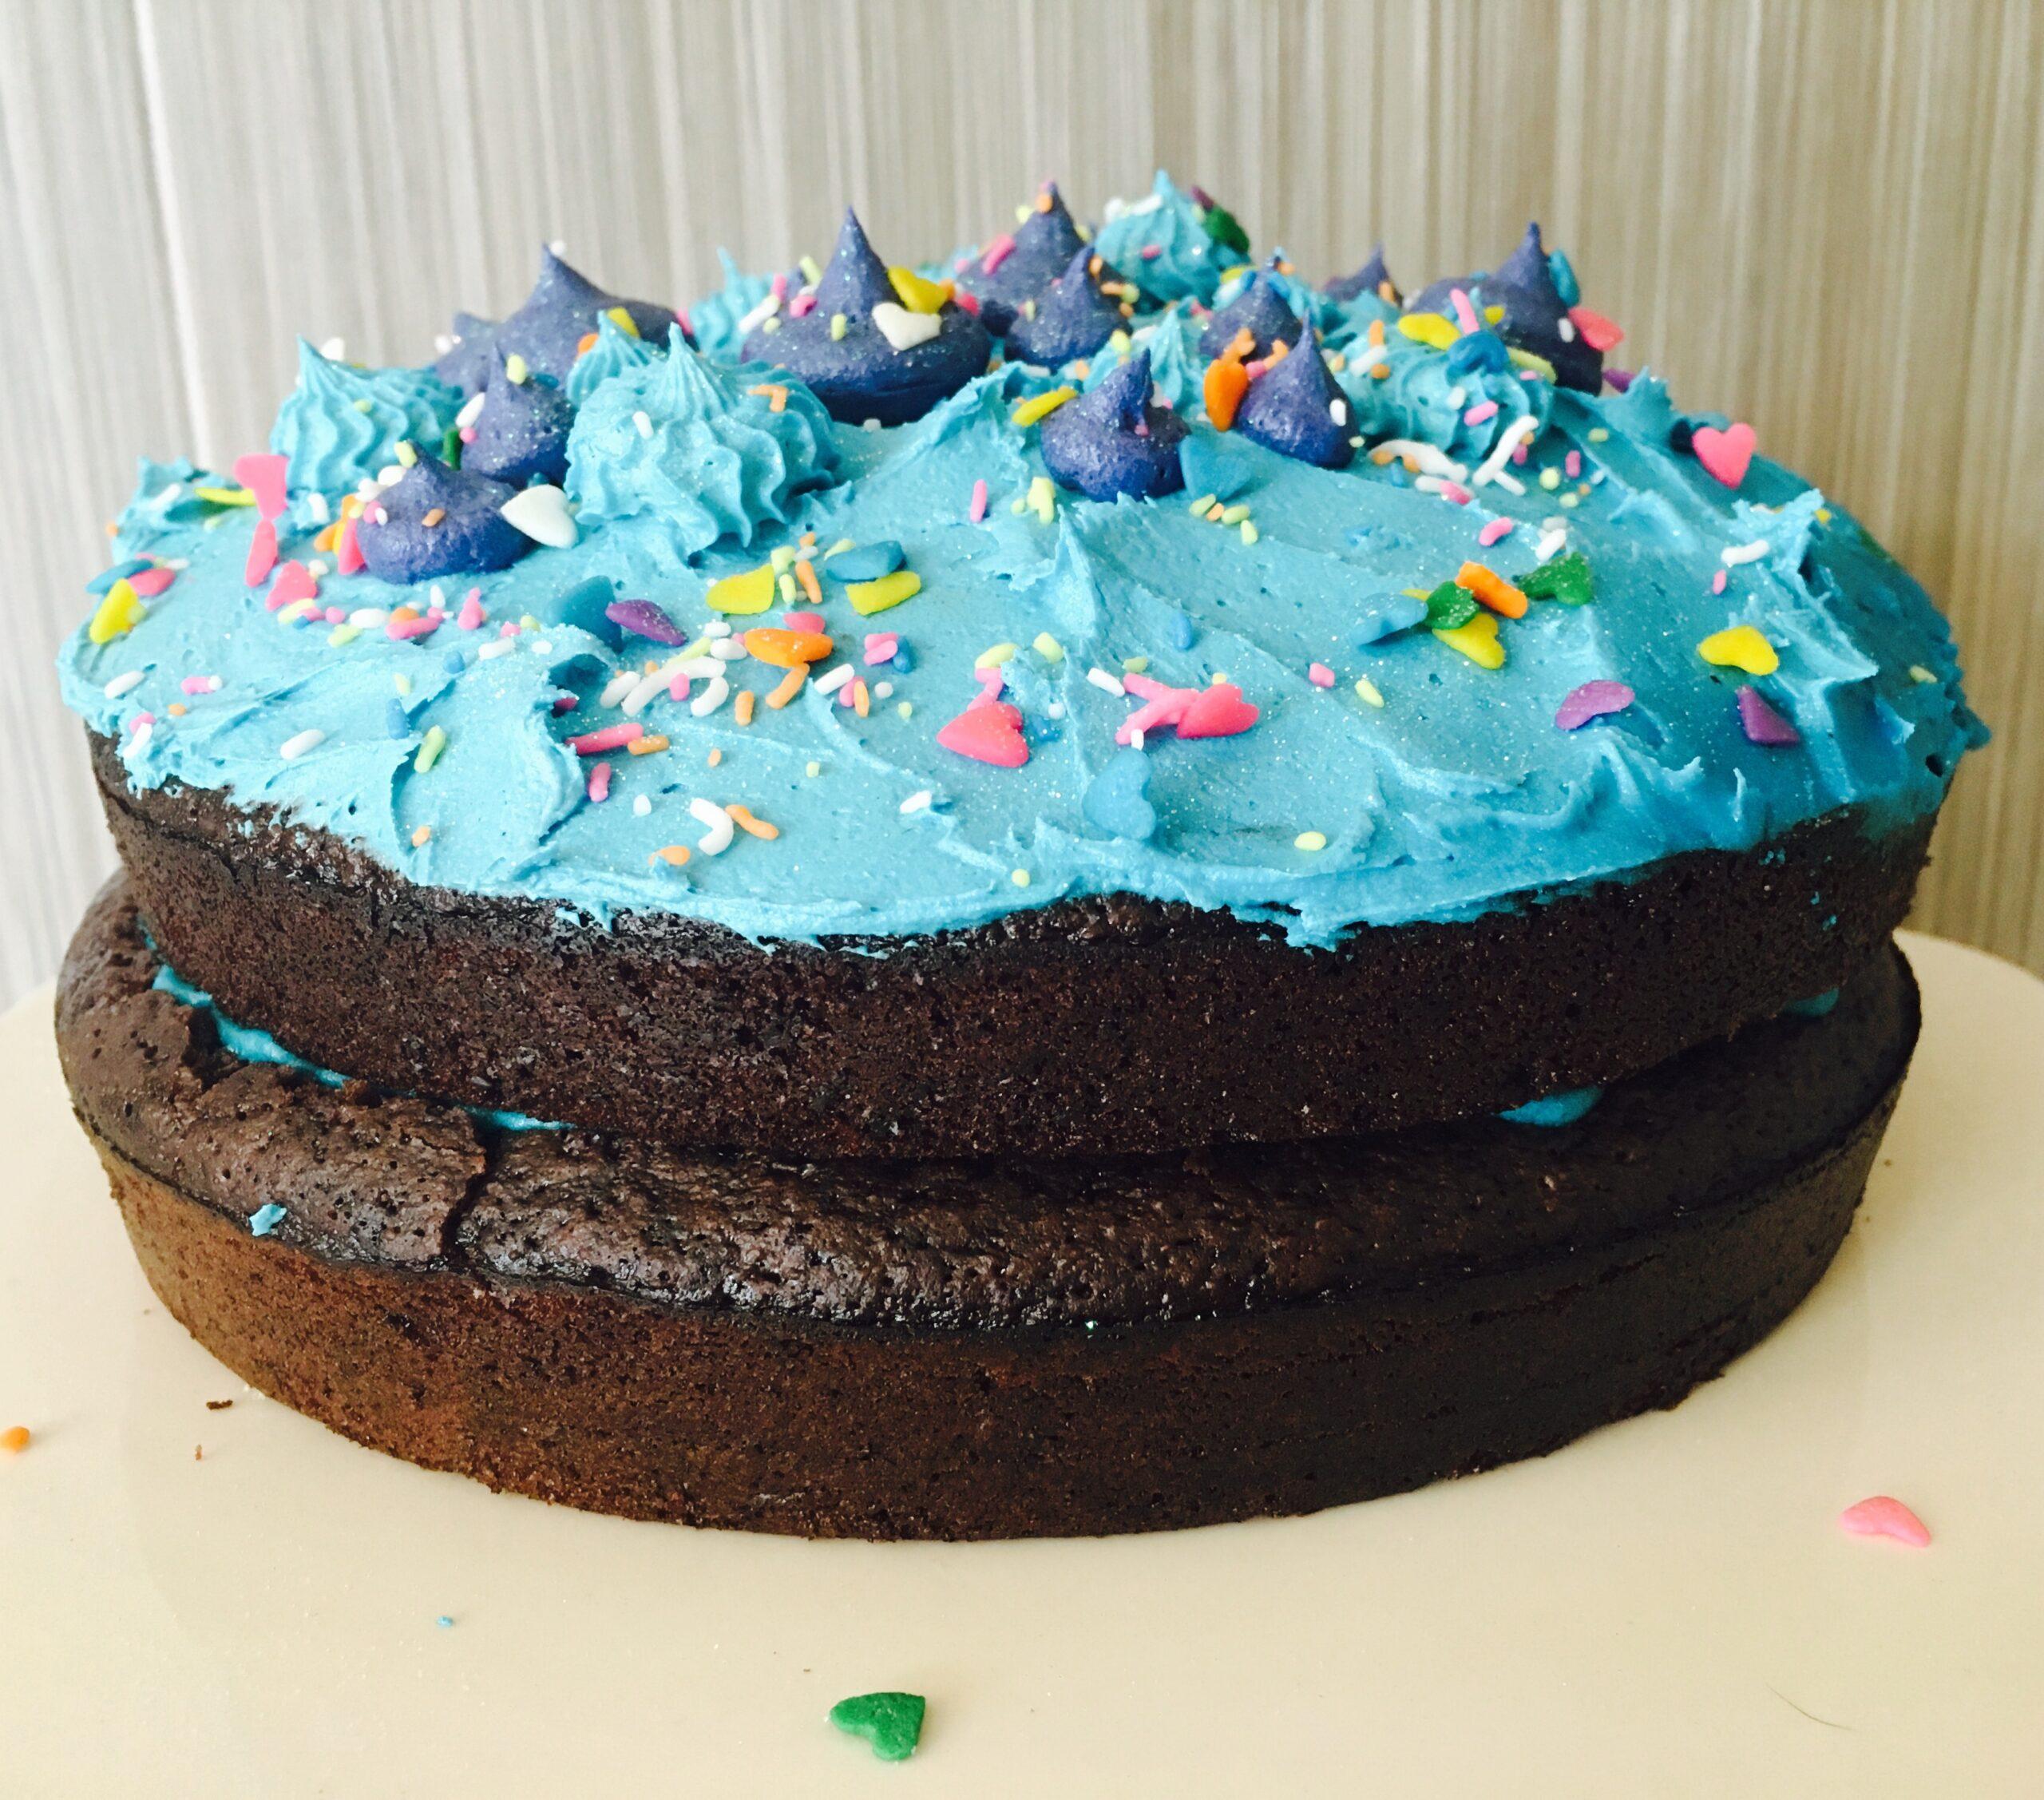 Wickey Wackey cake!